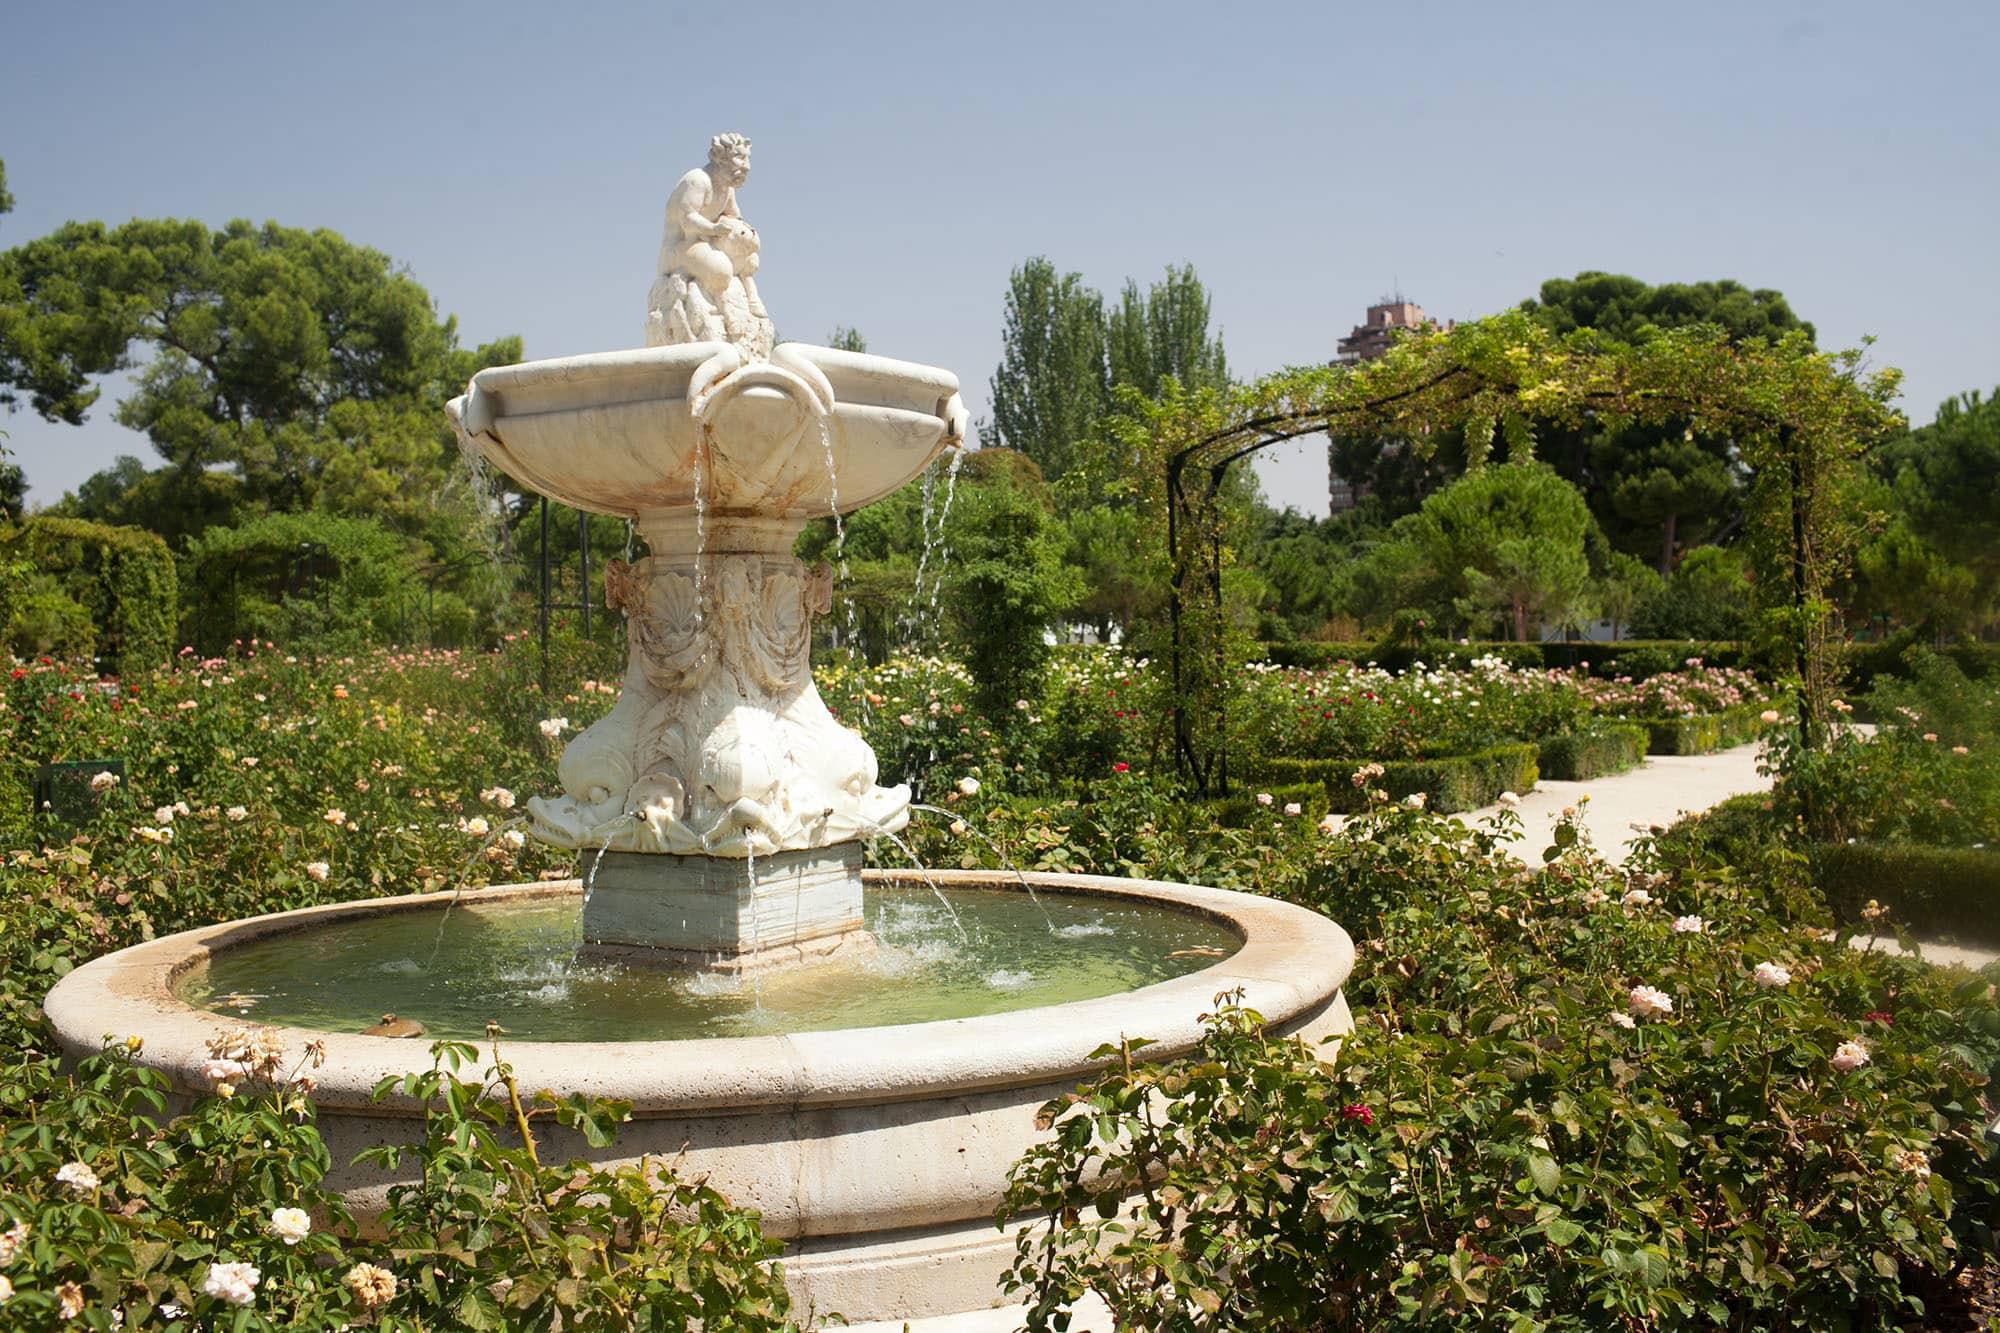 Parque de el Retiro in Madrid